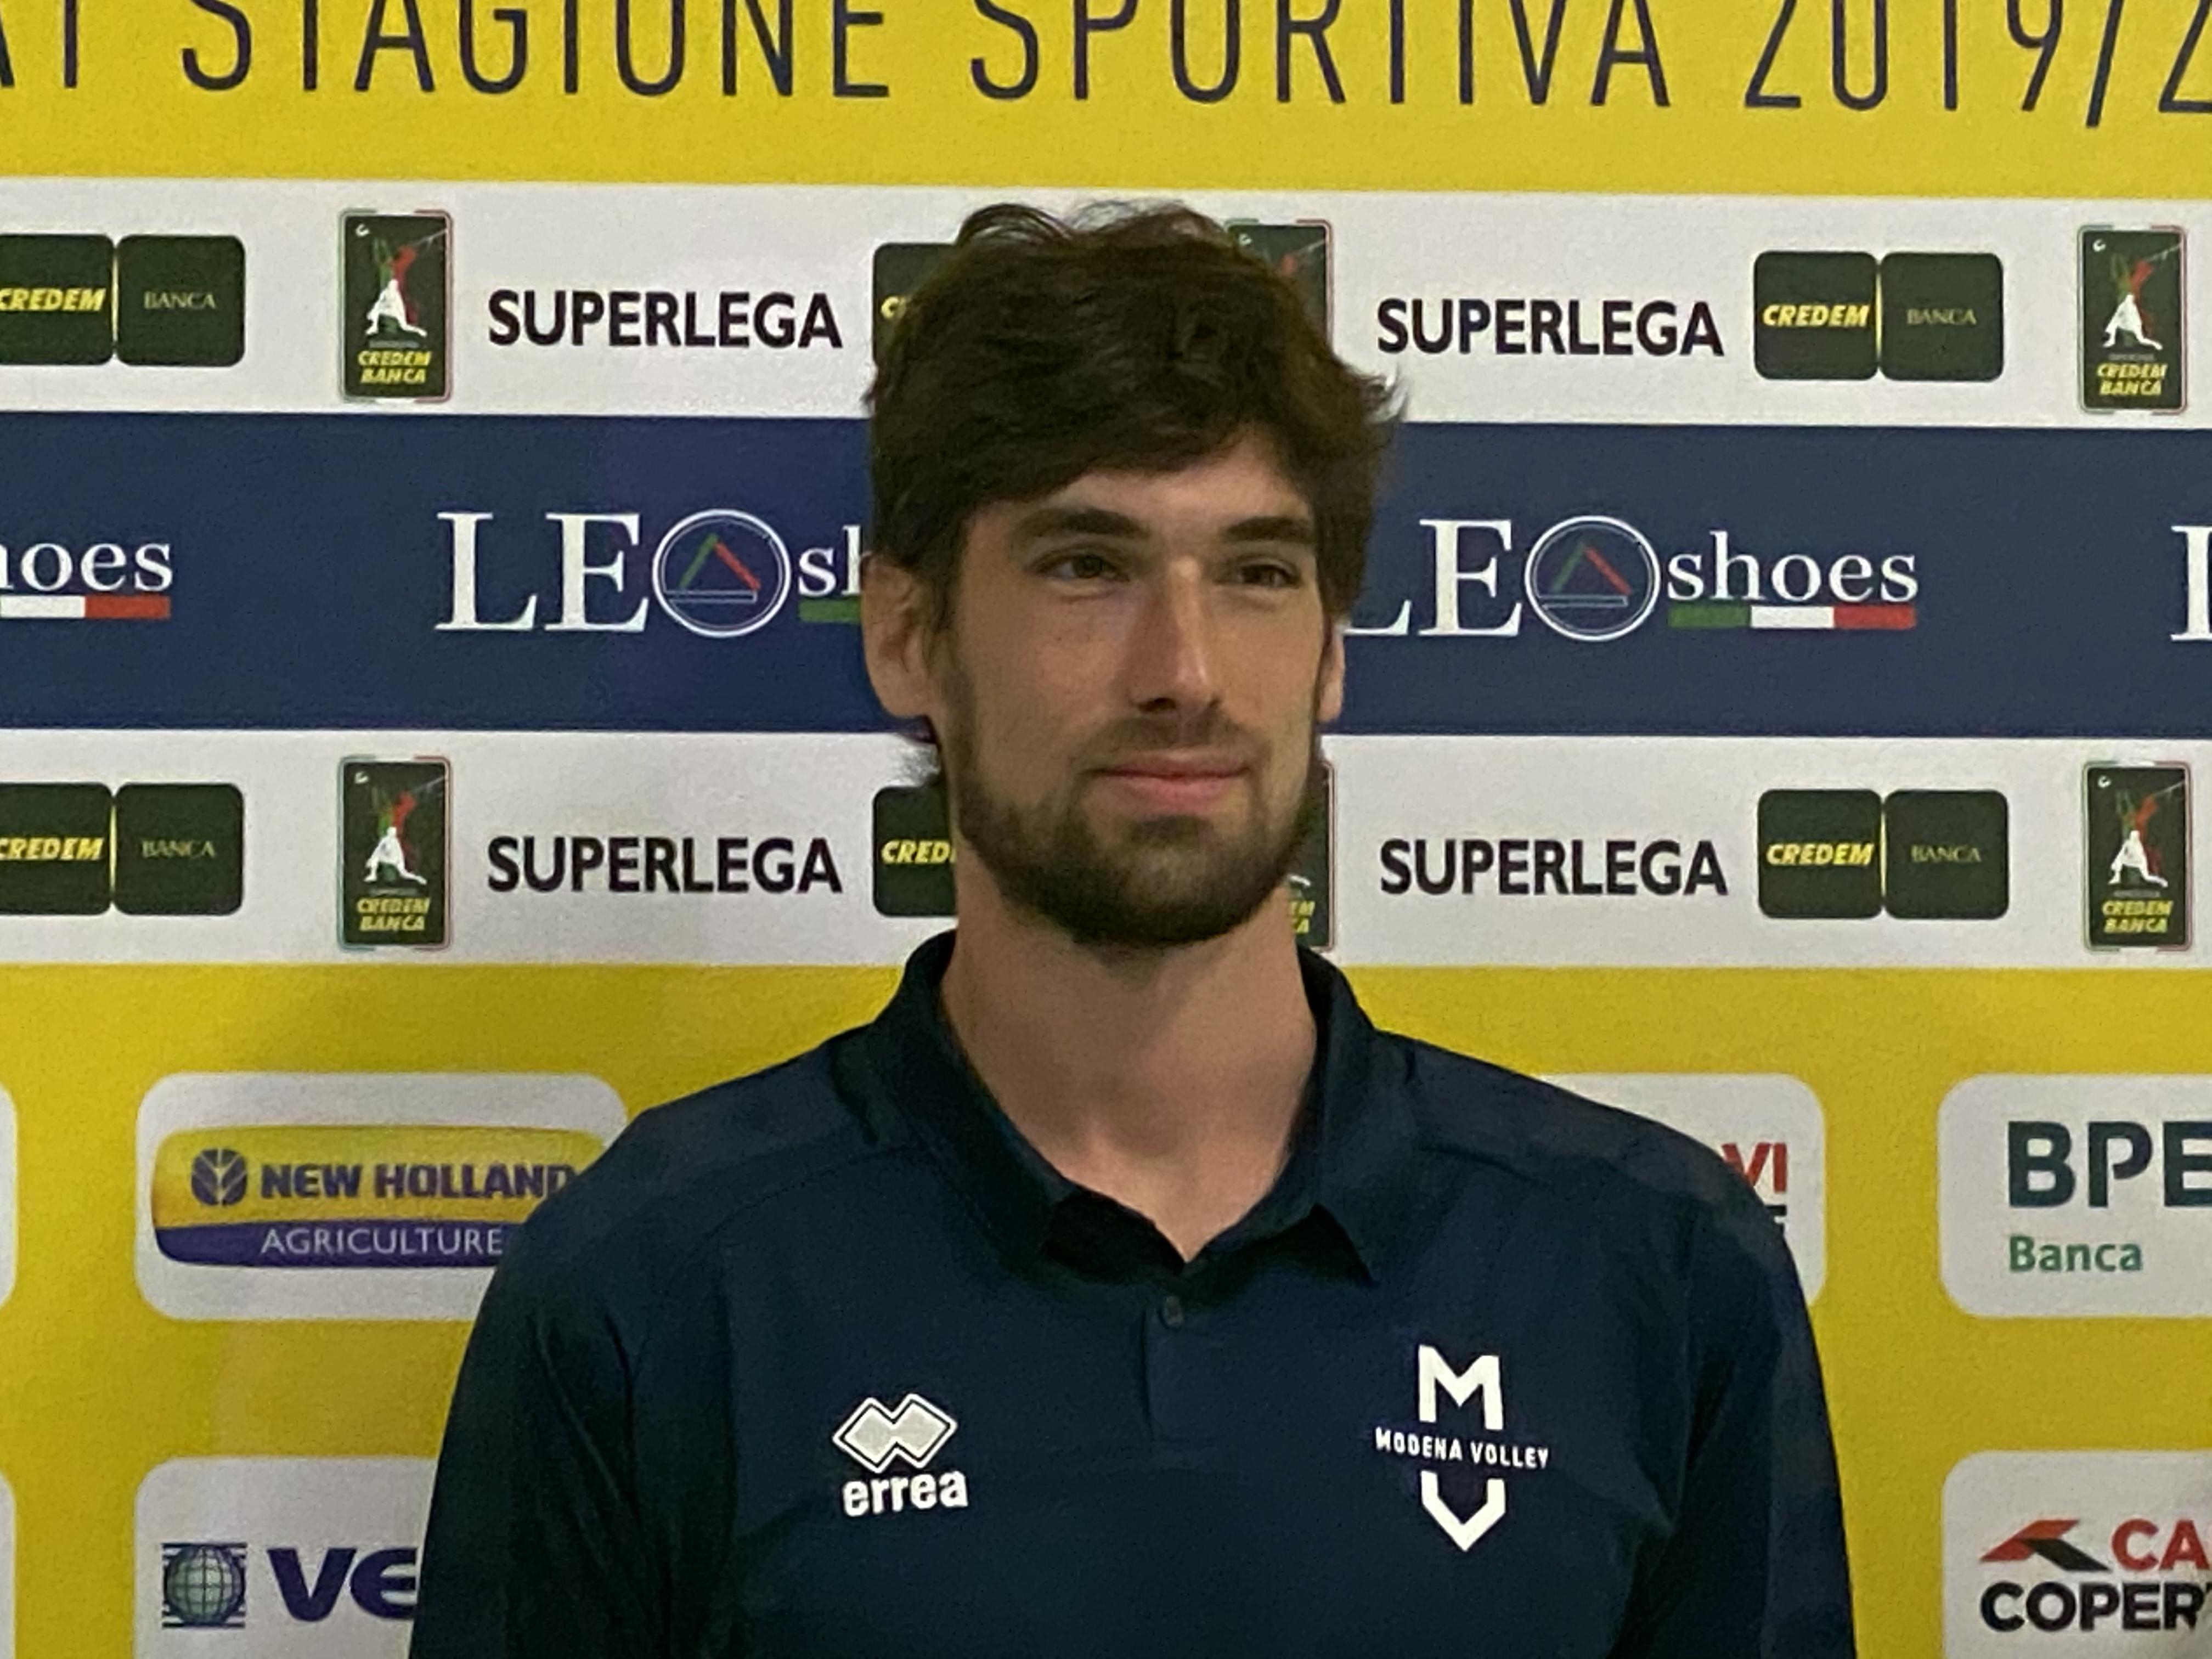 Modena Volley, presentazione Luca Vettori